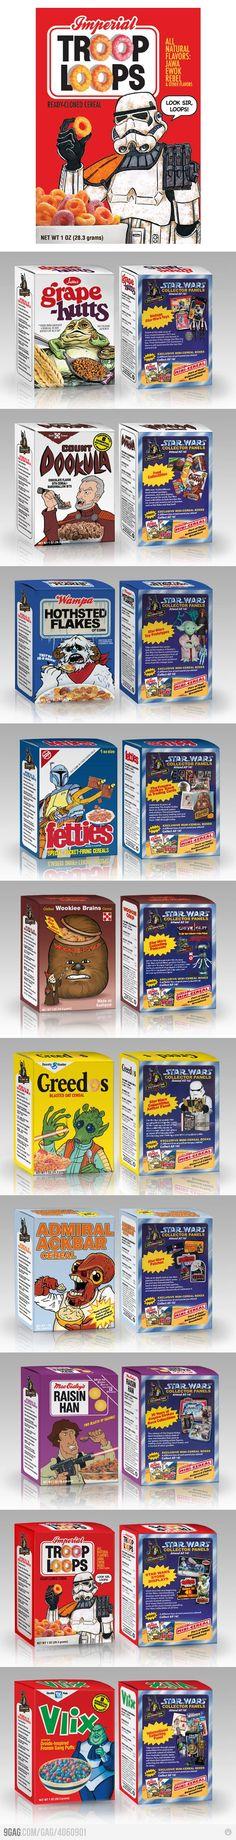 Star Wars et céréales... L'invasion de vos petits déjeuners a déjà commencé (vive le packaging créatif !)